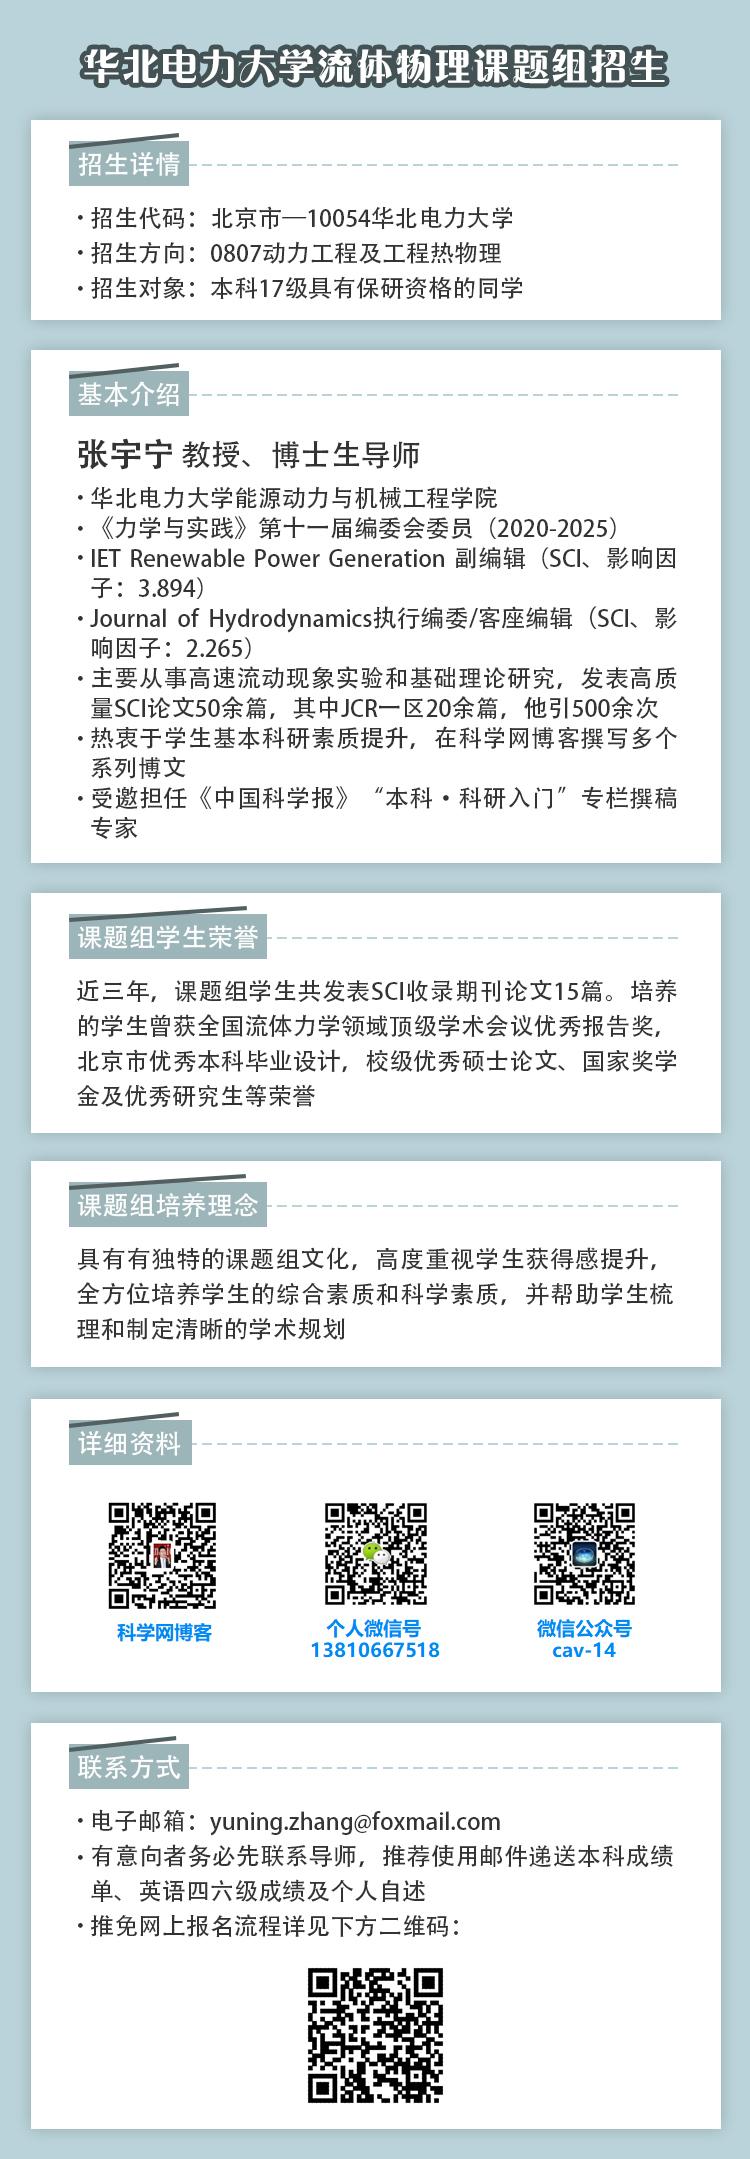 2020-09-28 17级推免招生海报_王笑语.jpg